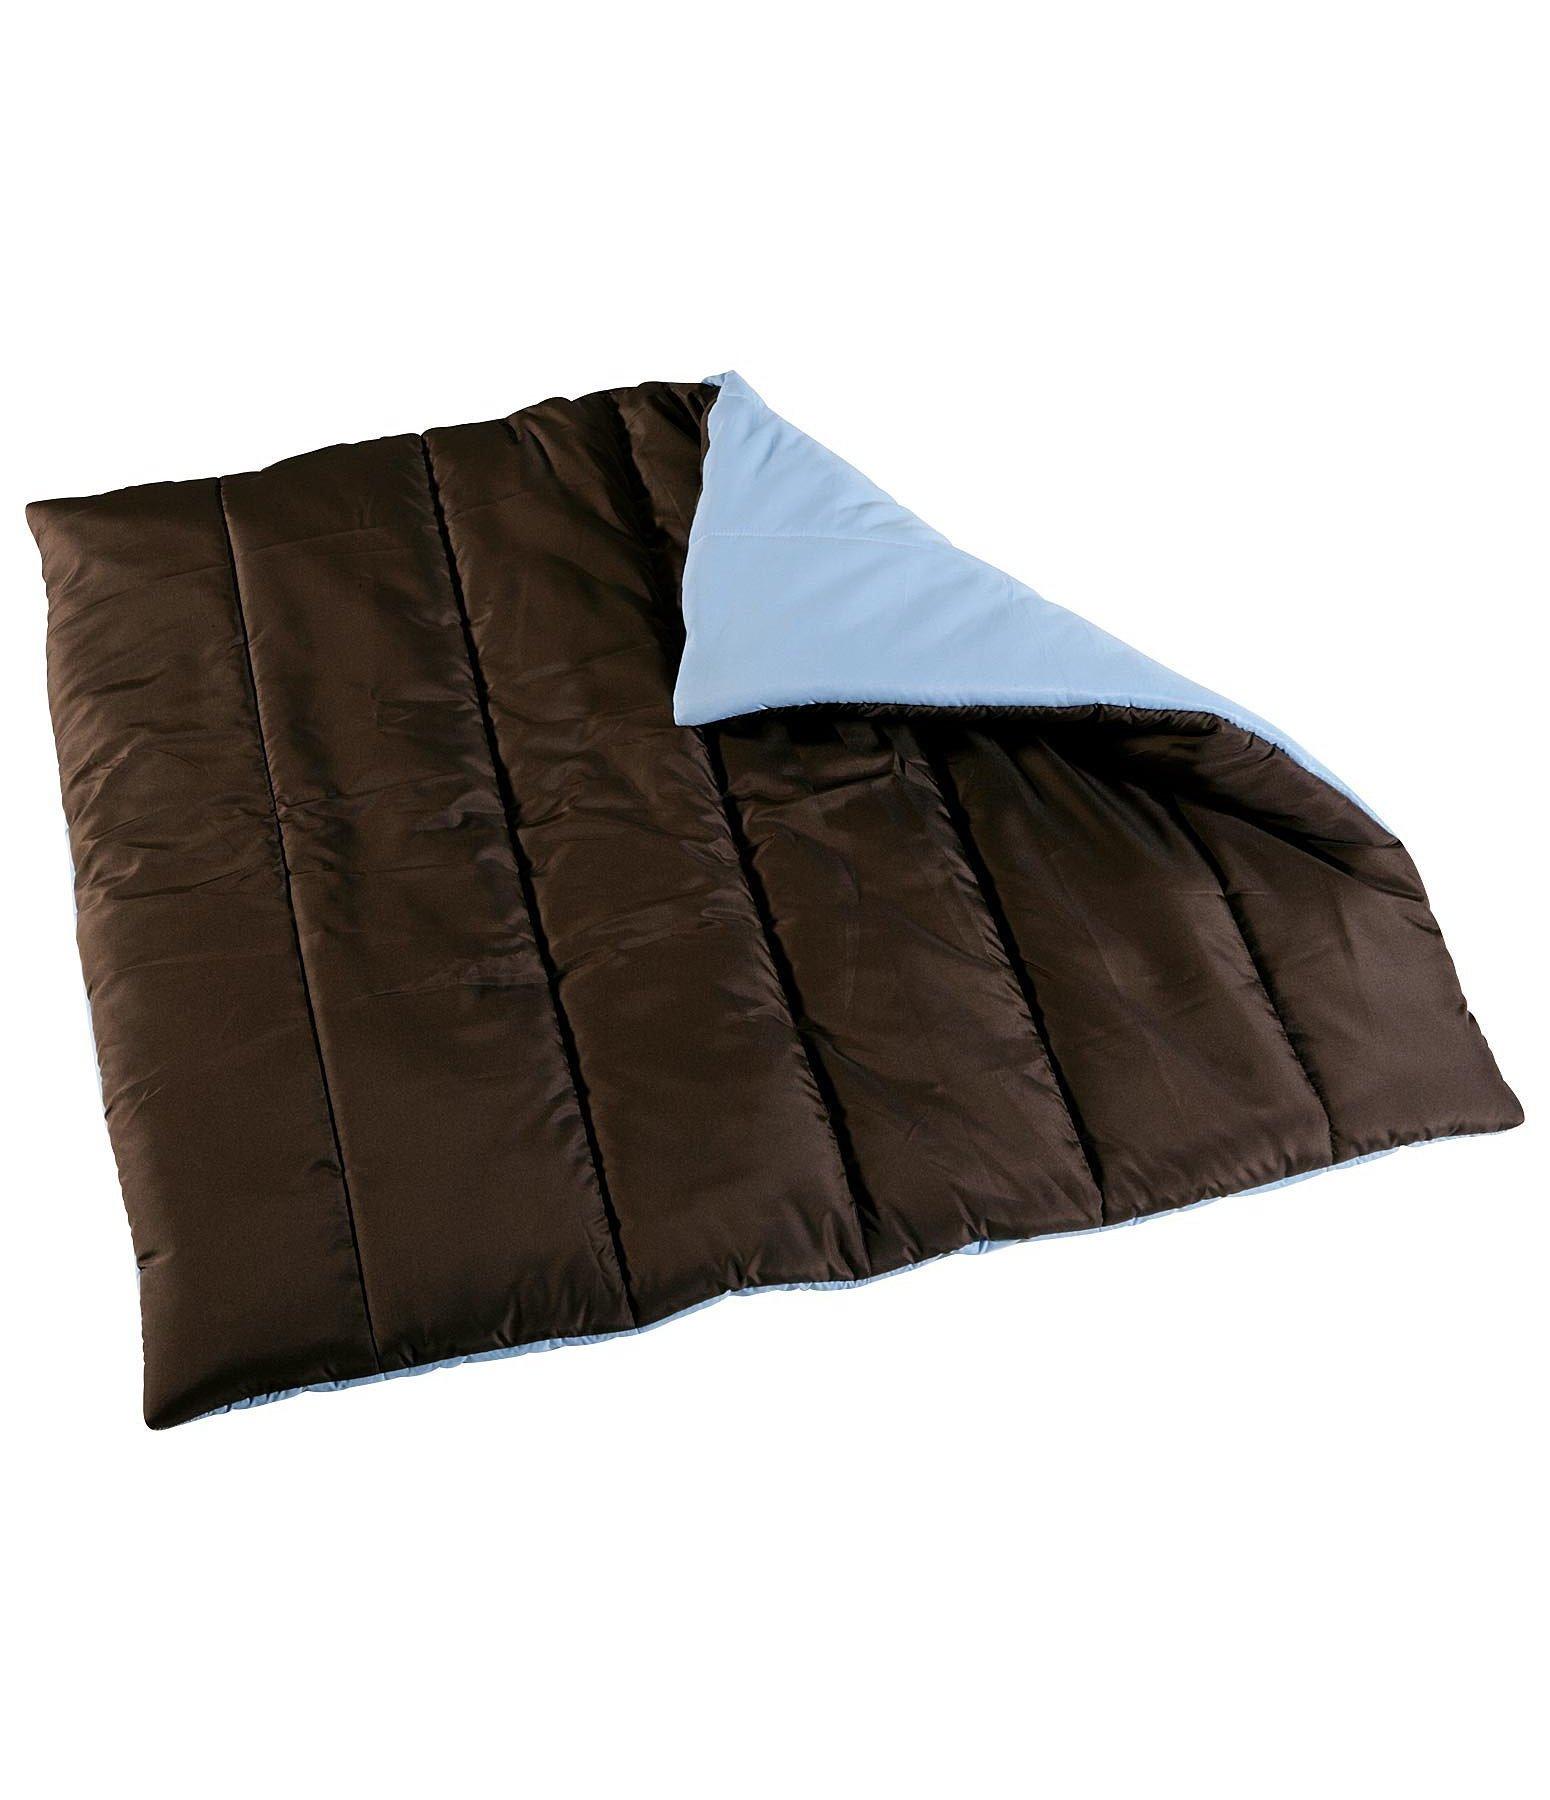 Couverture pour chiens soft lits coussins kramer - Couverture pour petit chien ...